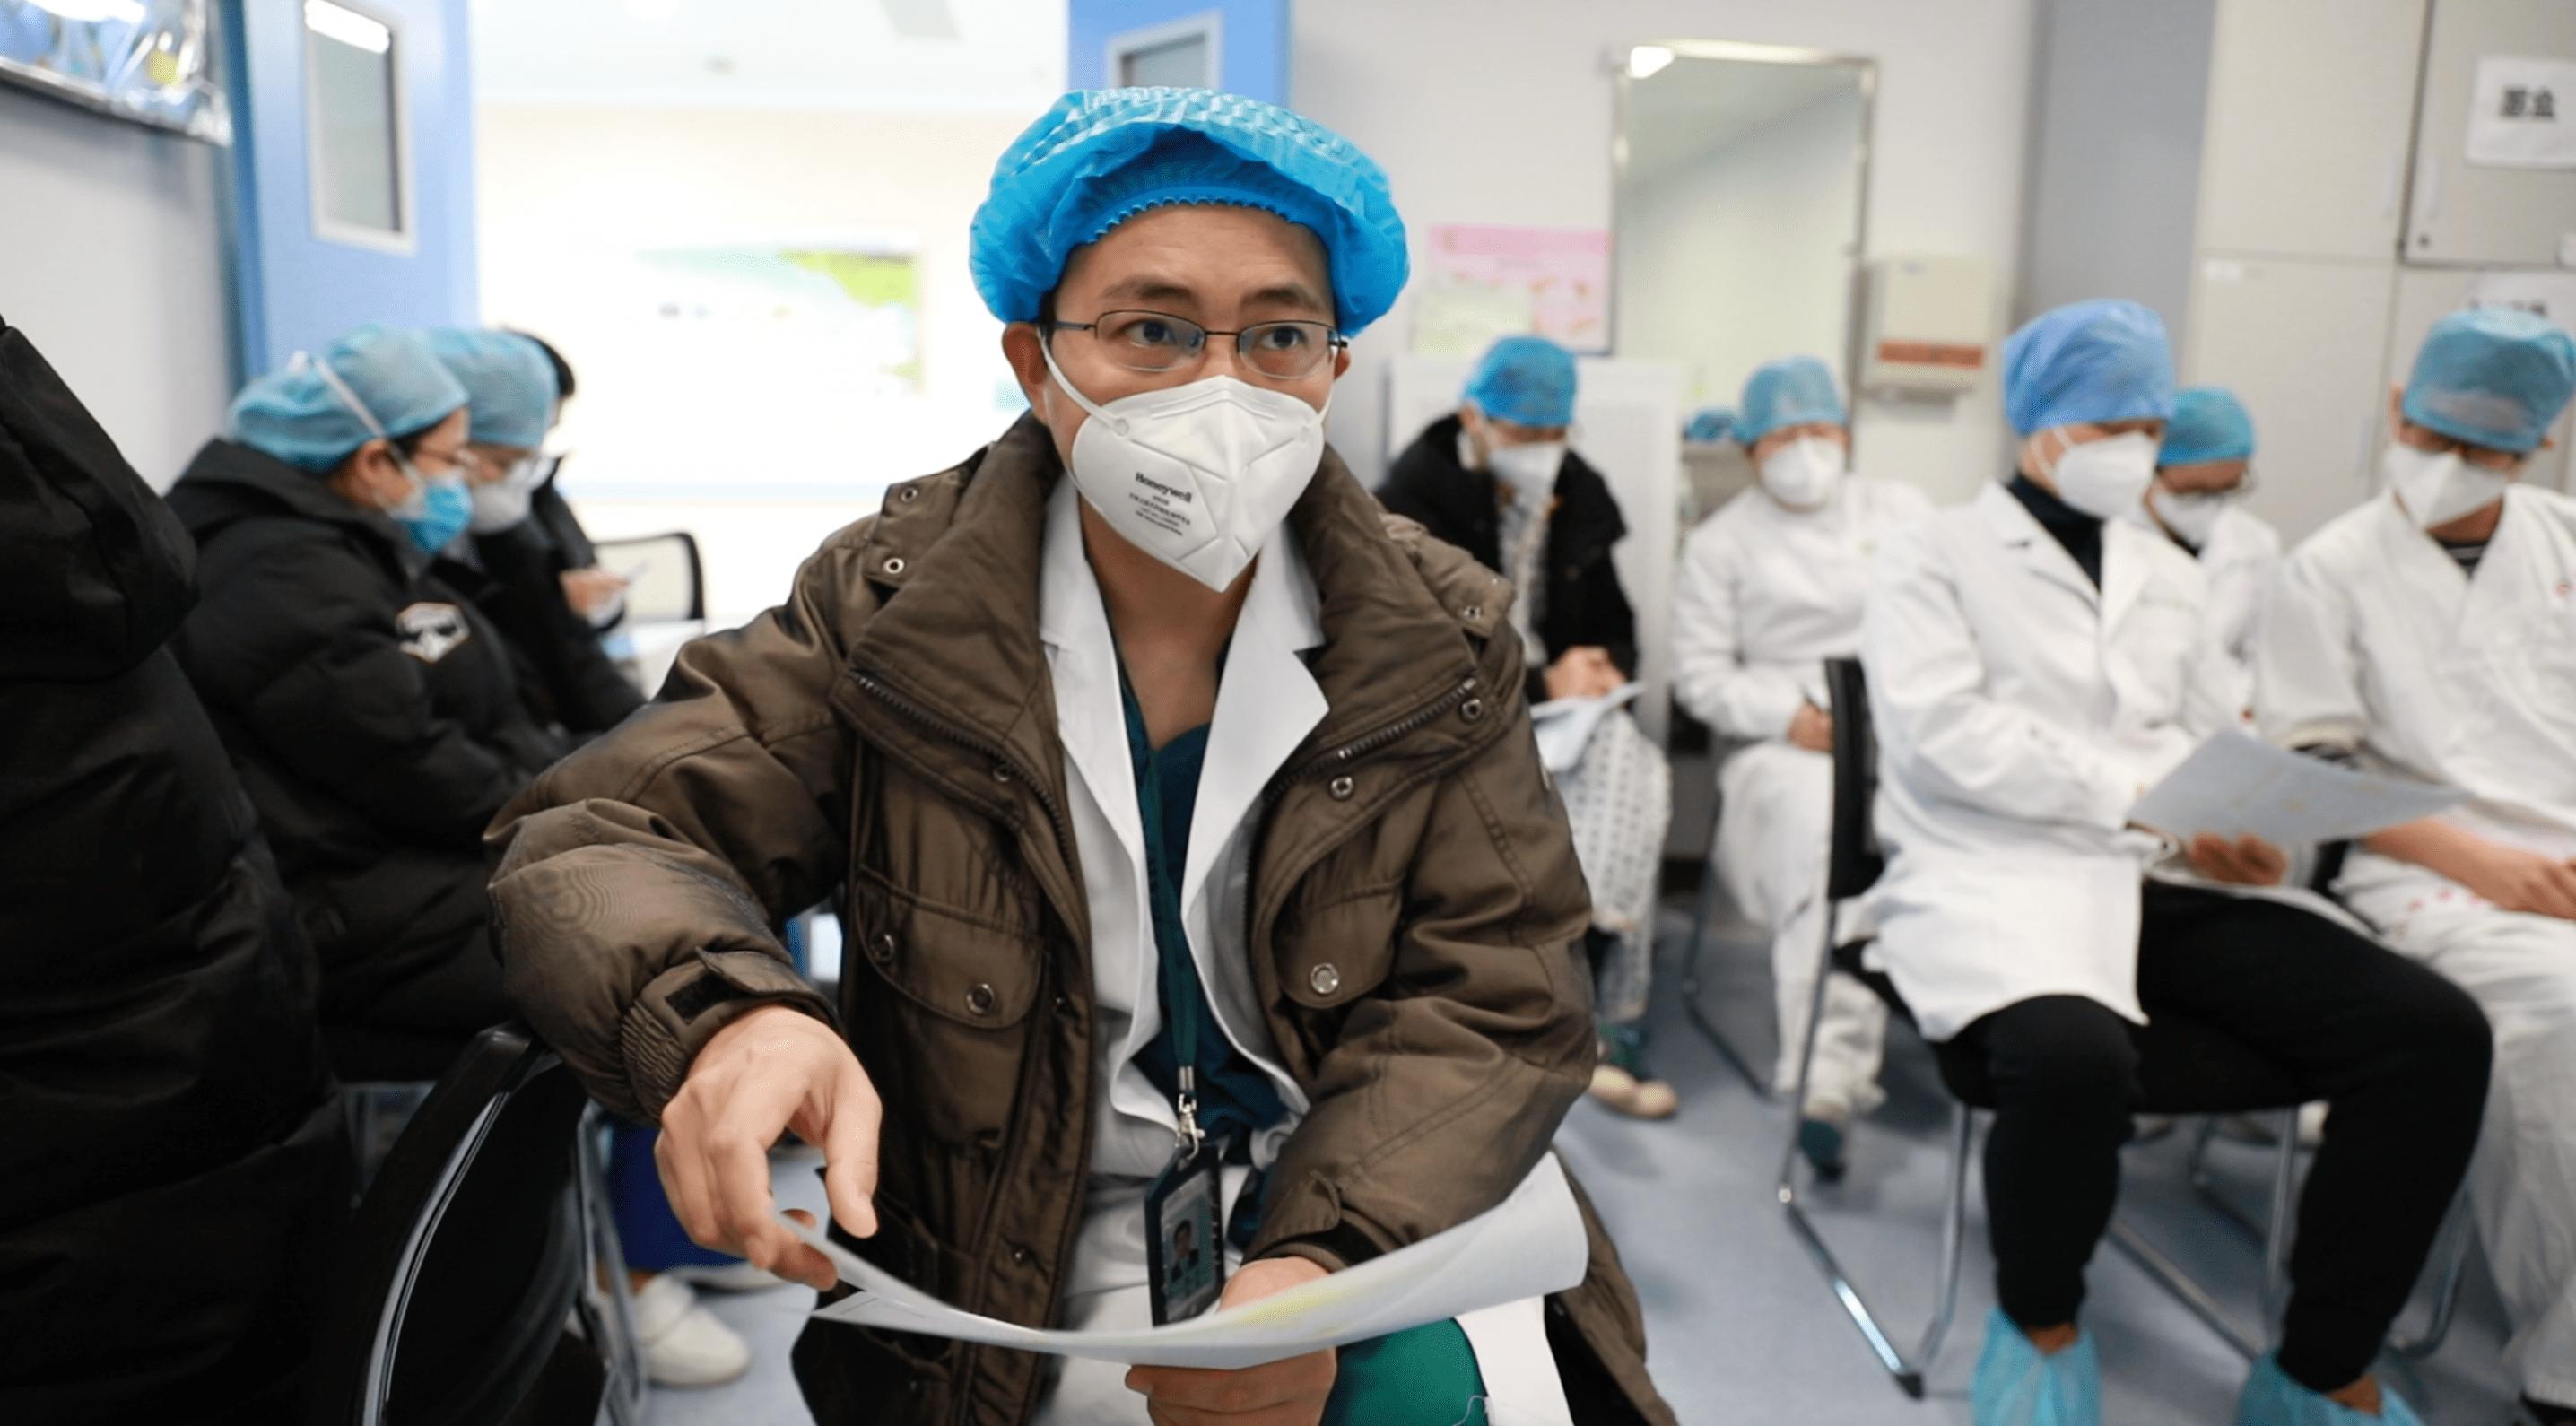 搜狐健康医师节特辑 | 周宁医生:体谅痛苦,做一个快乐的武汉医生